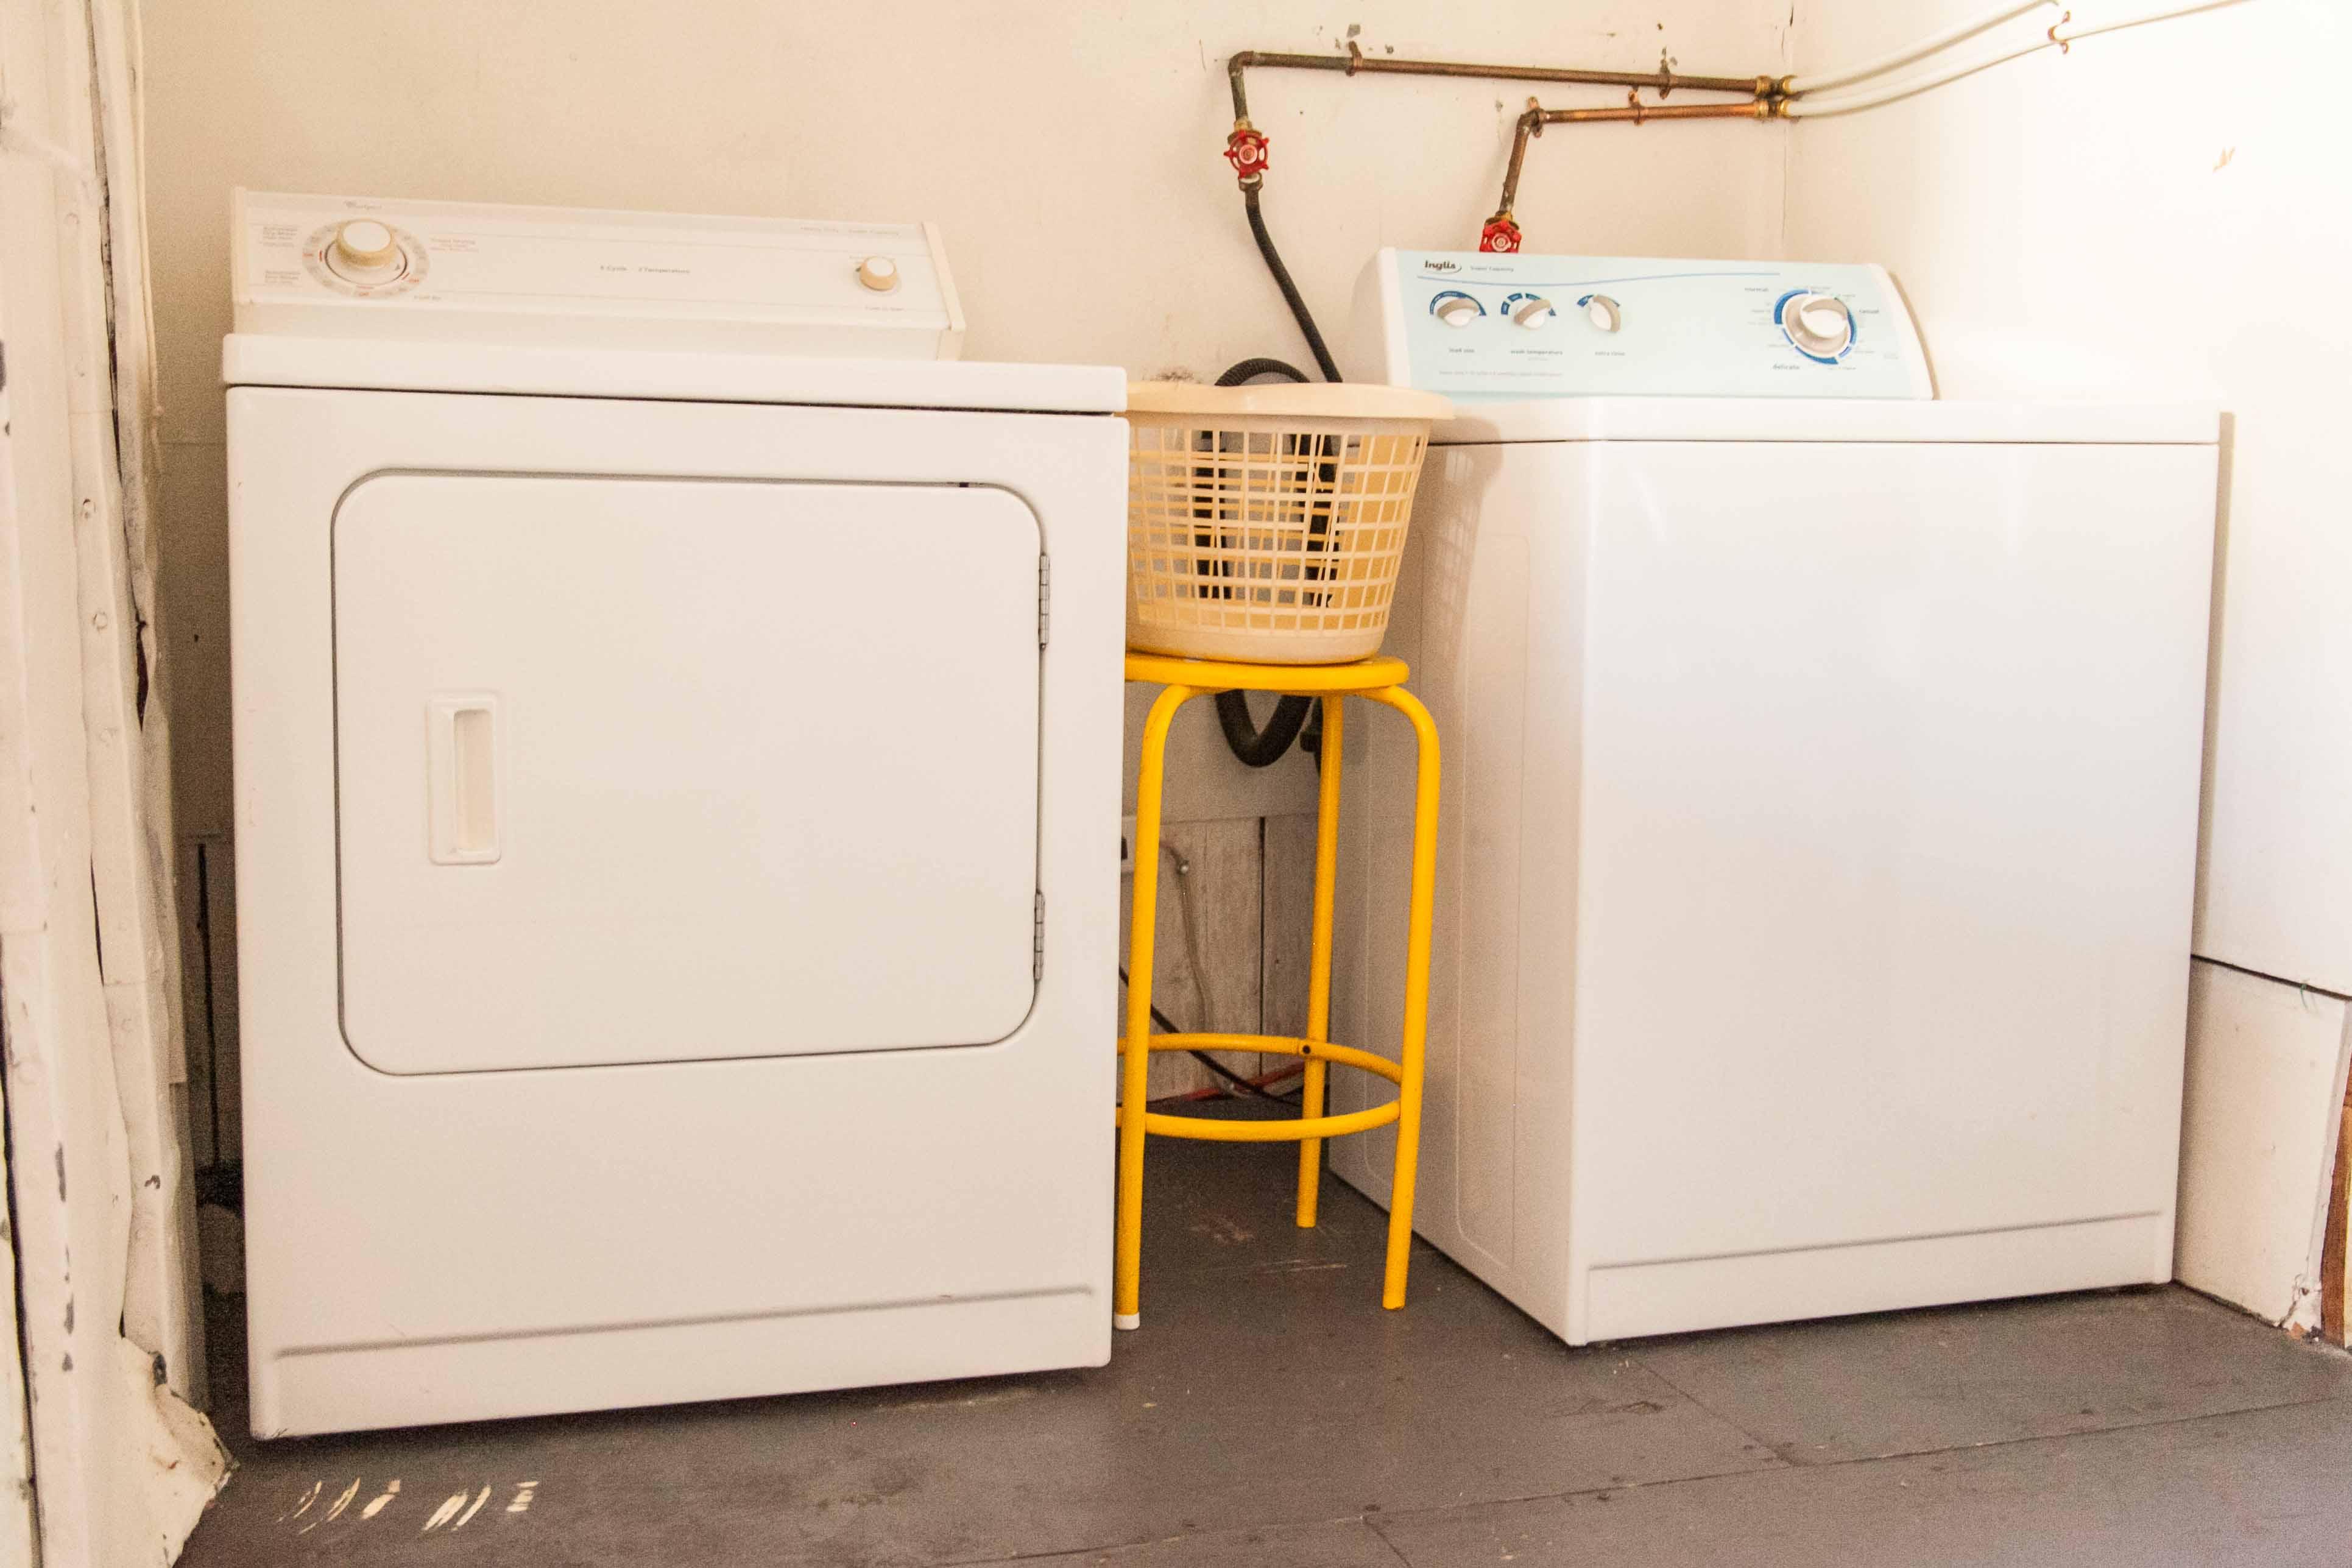 Salle de lavage / Laundry